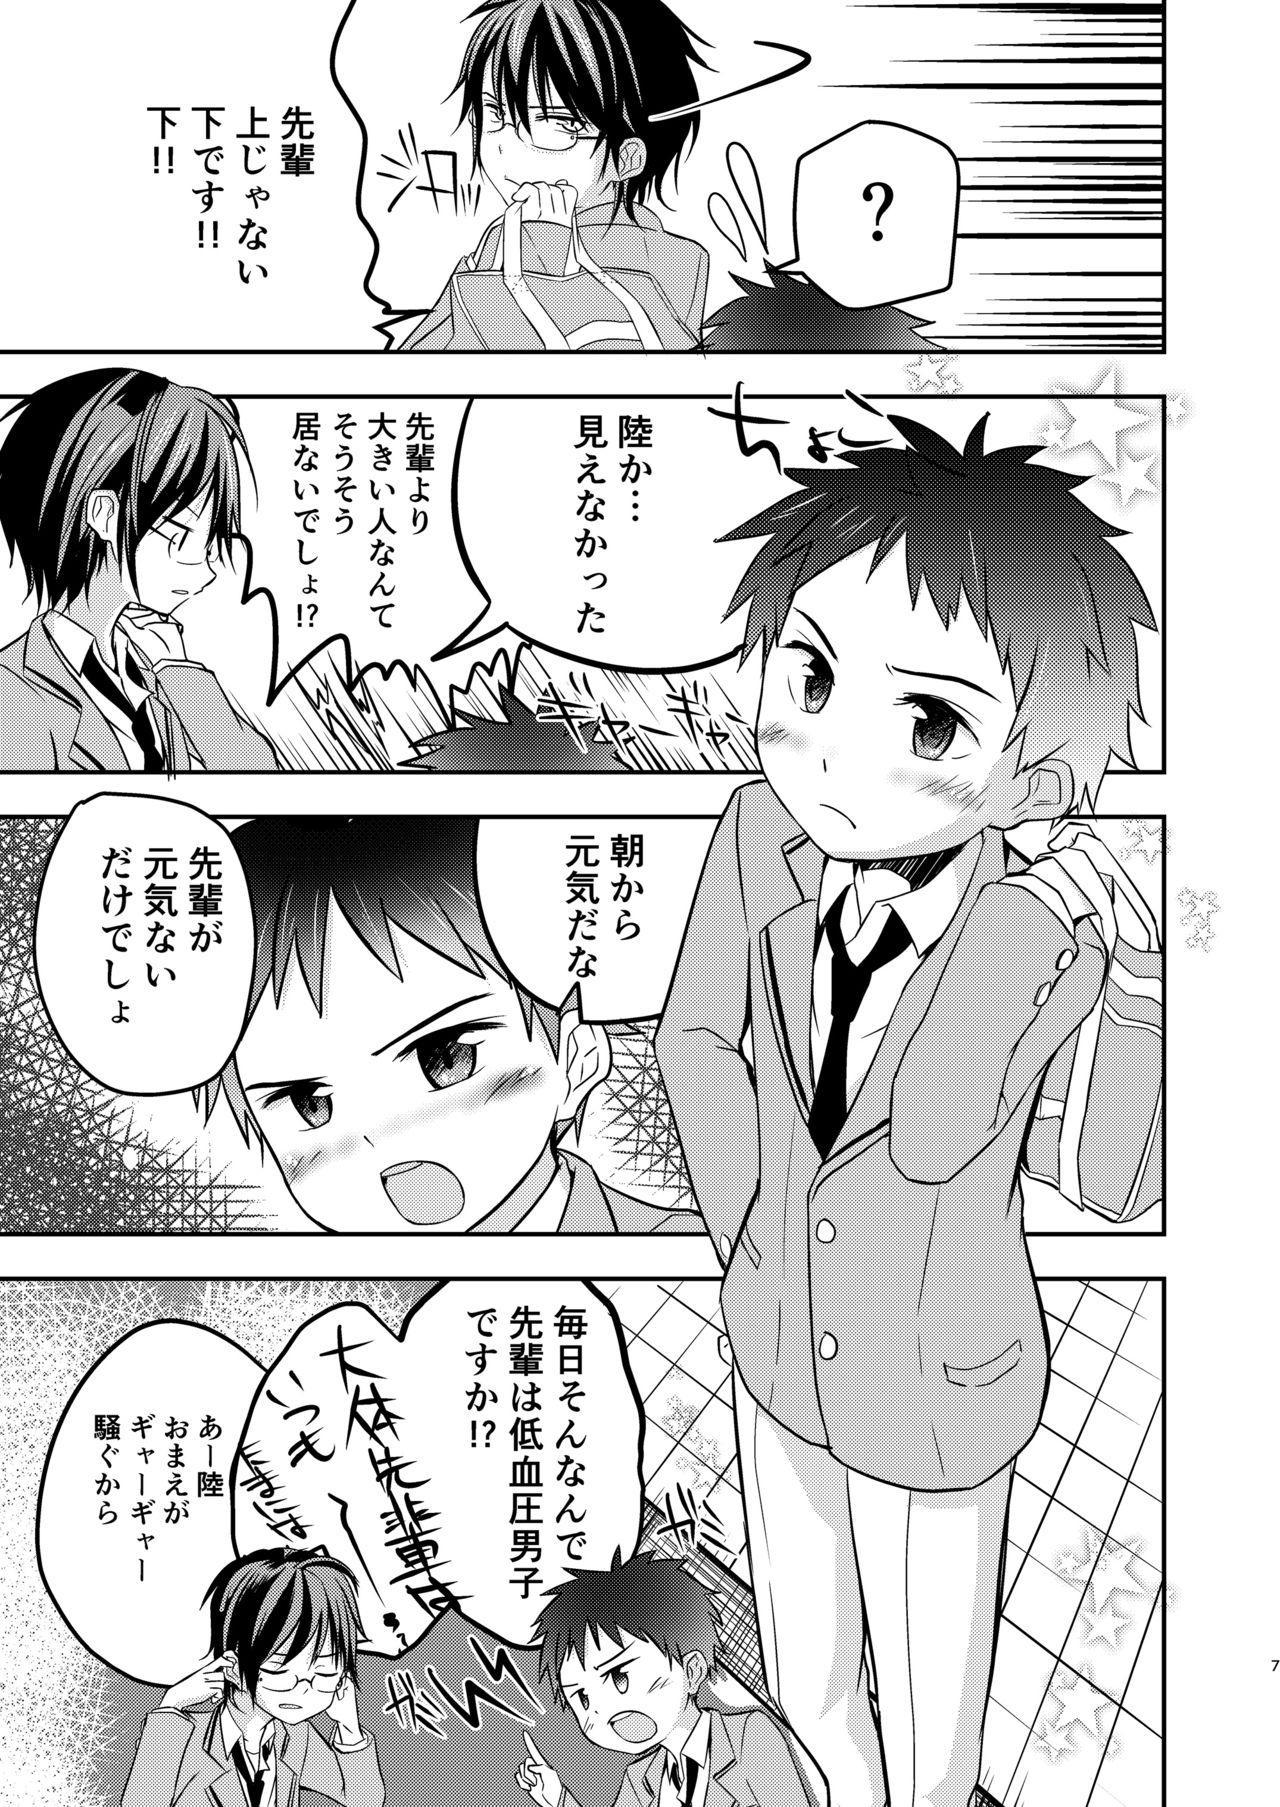 Kichiku Senpai o Yamenaide 6